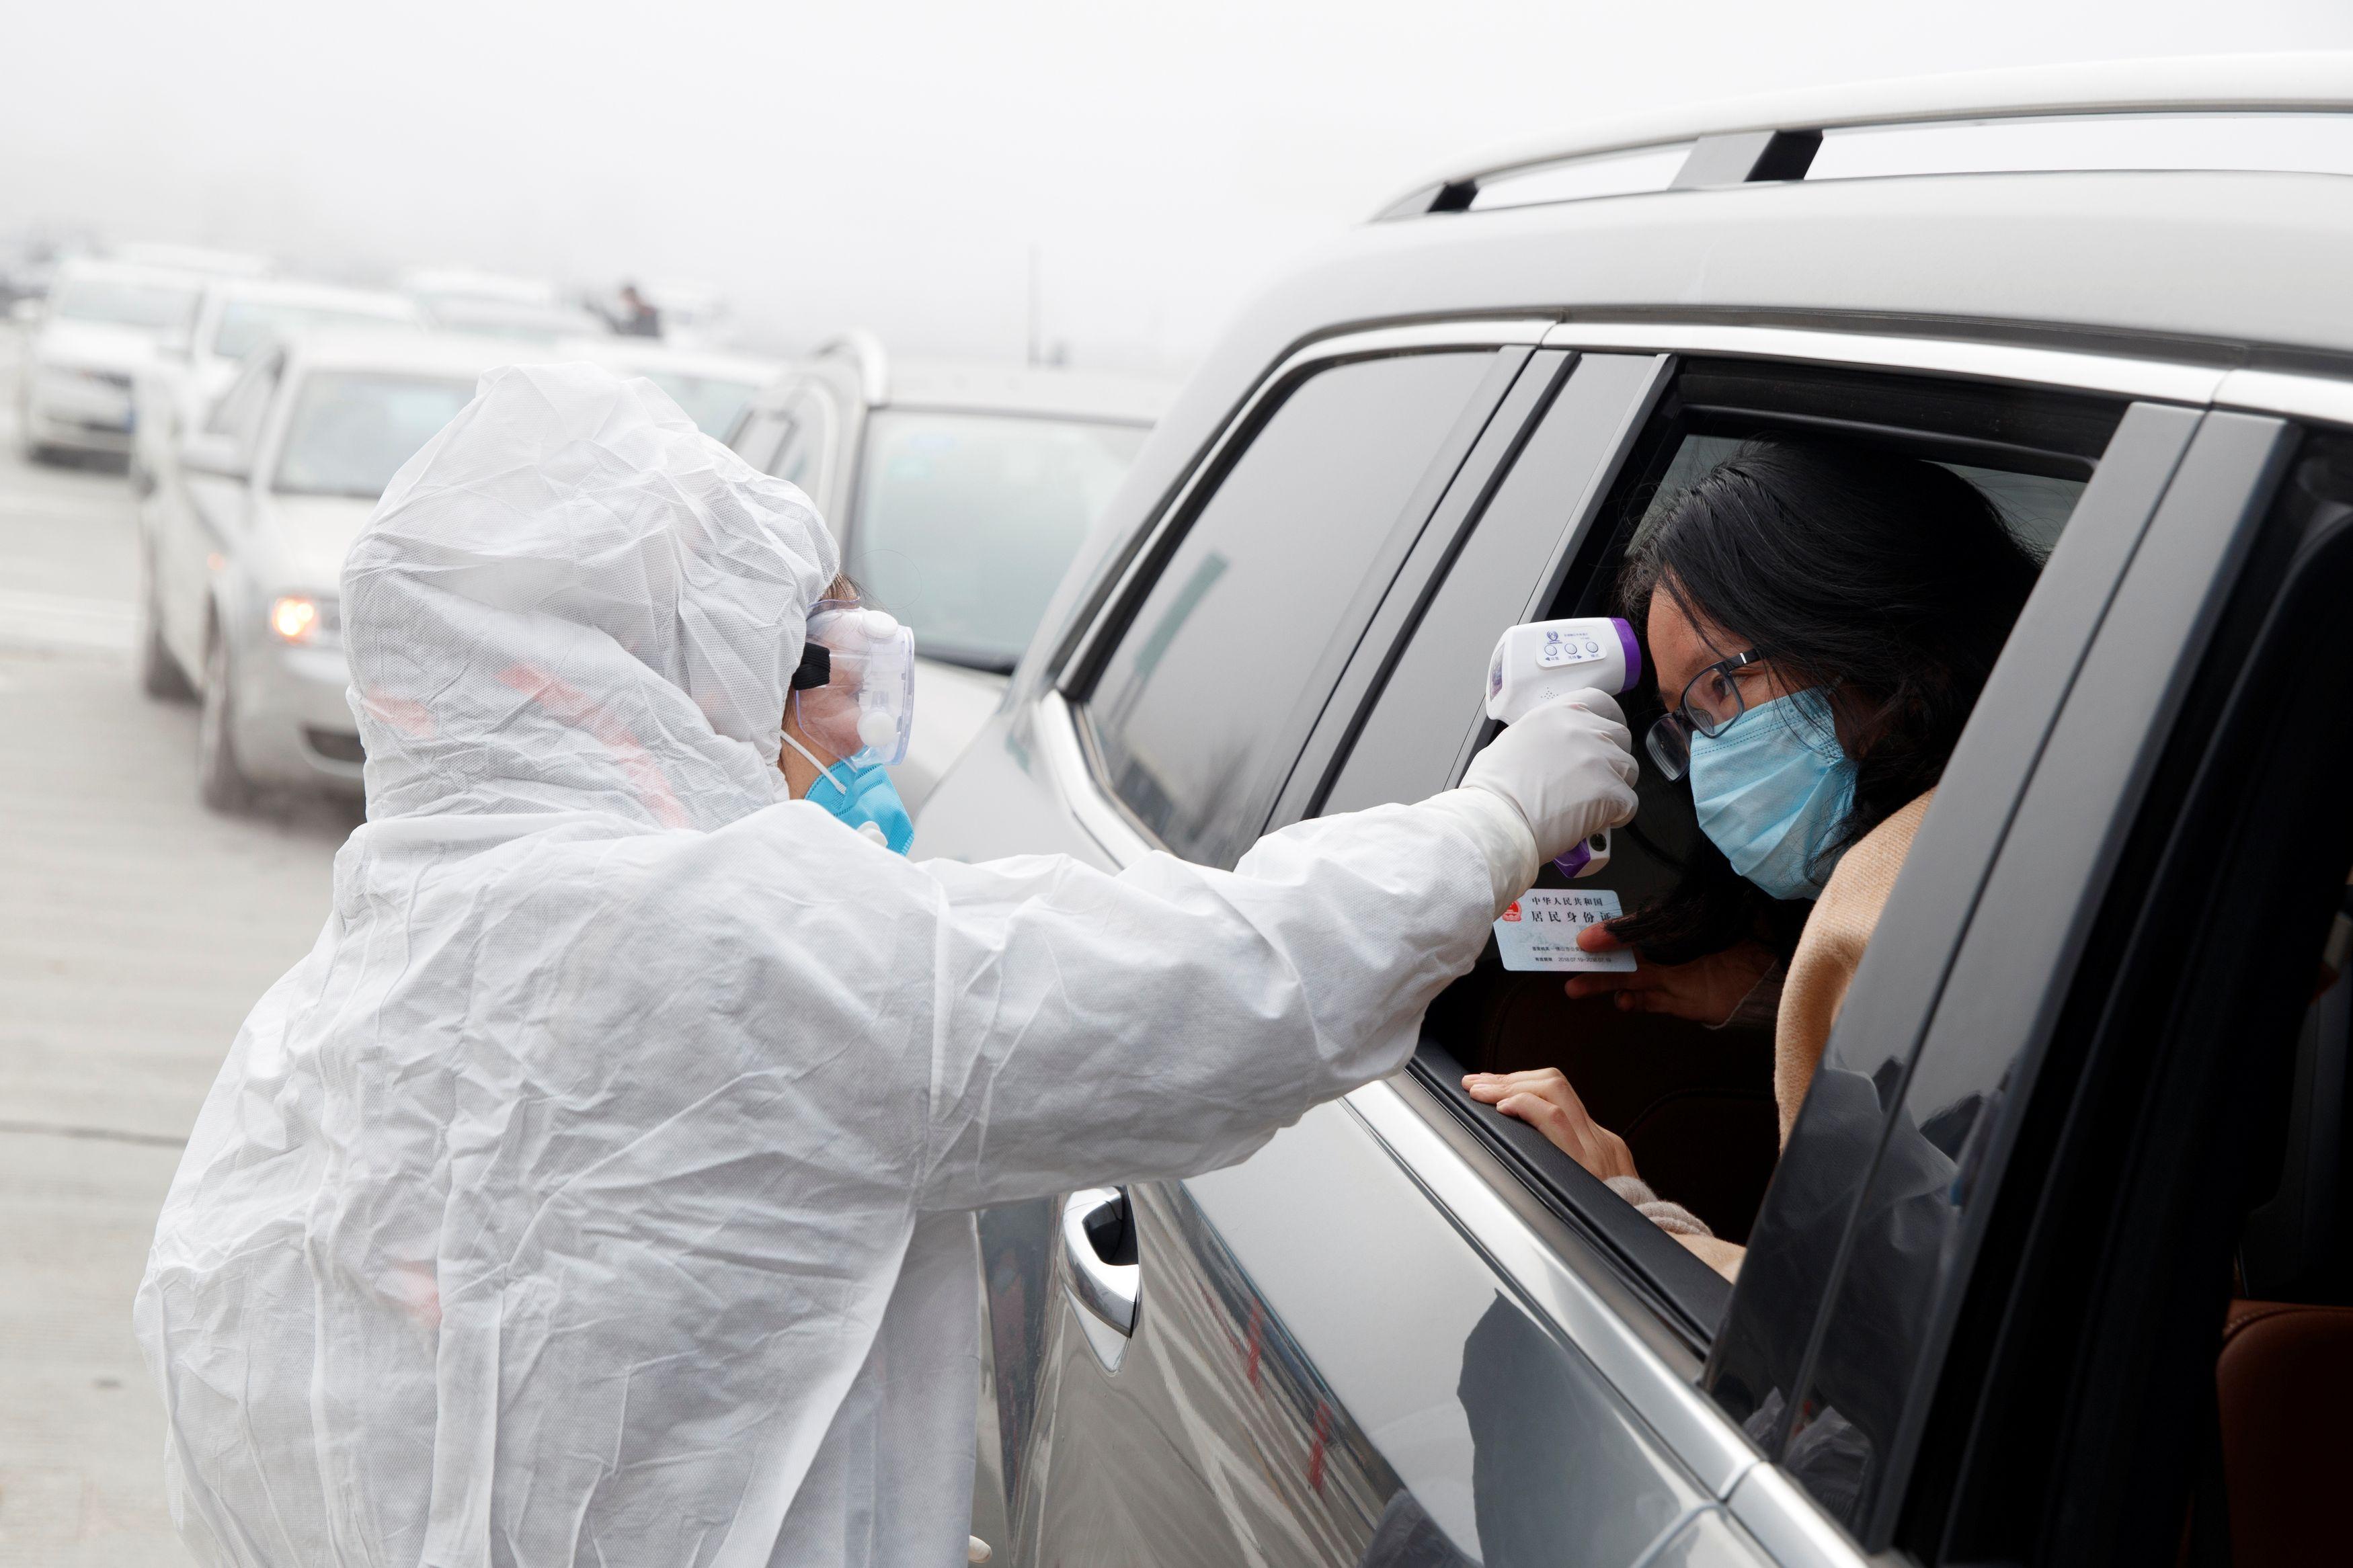 U.S. seeks to send expert team to China to combat coronavirus ...